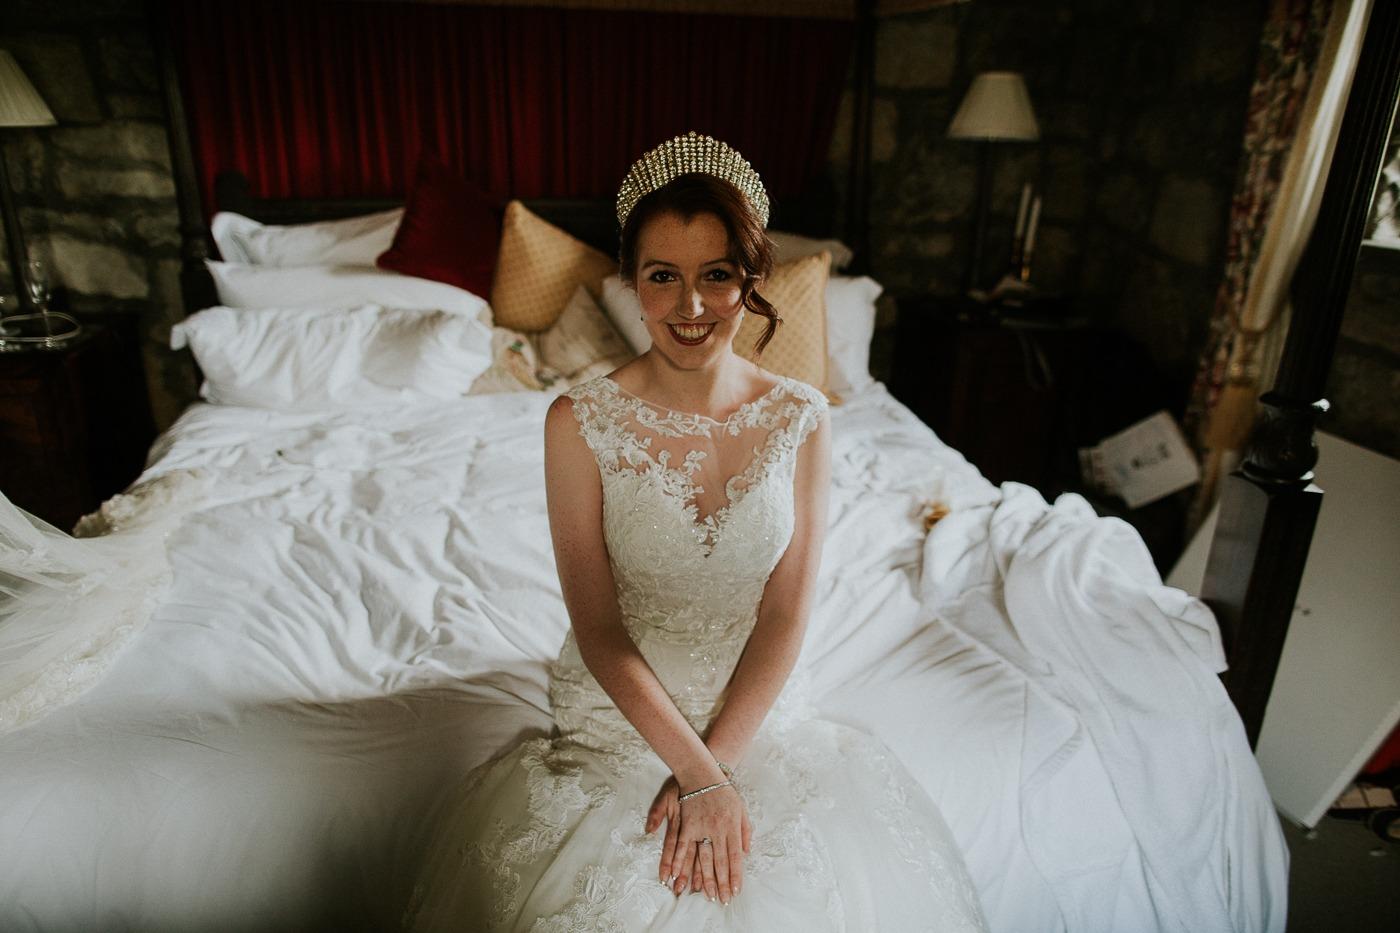 Caroline Kenny sitting on a bed